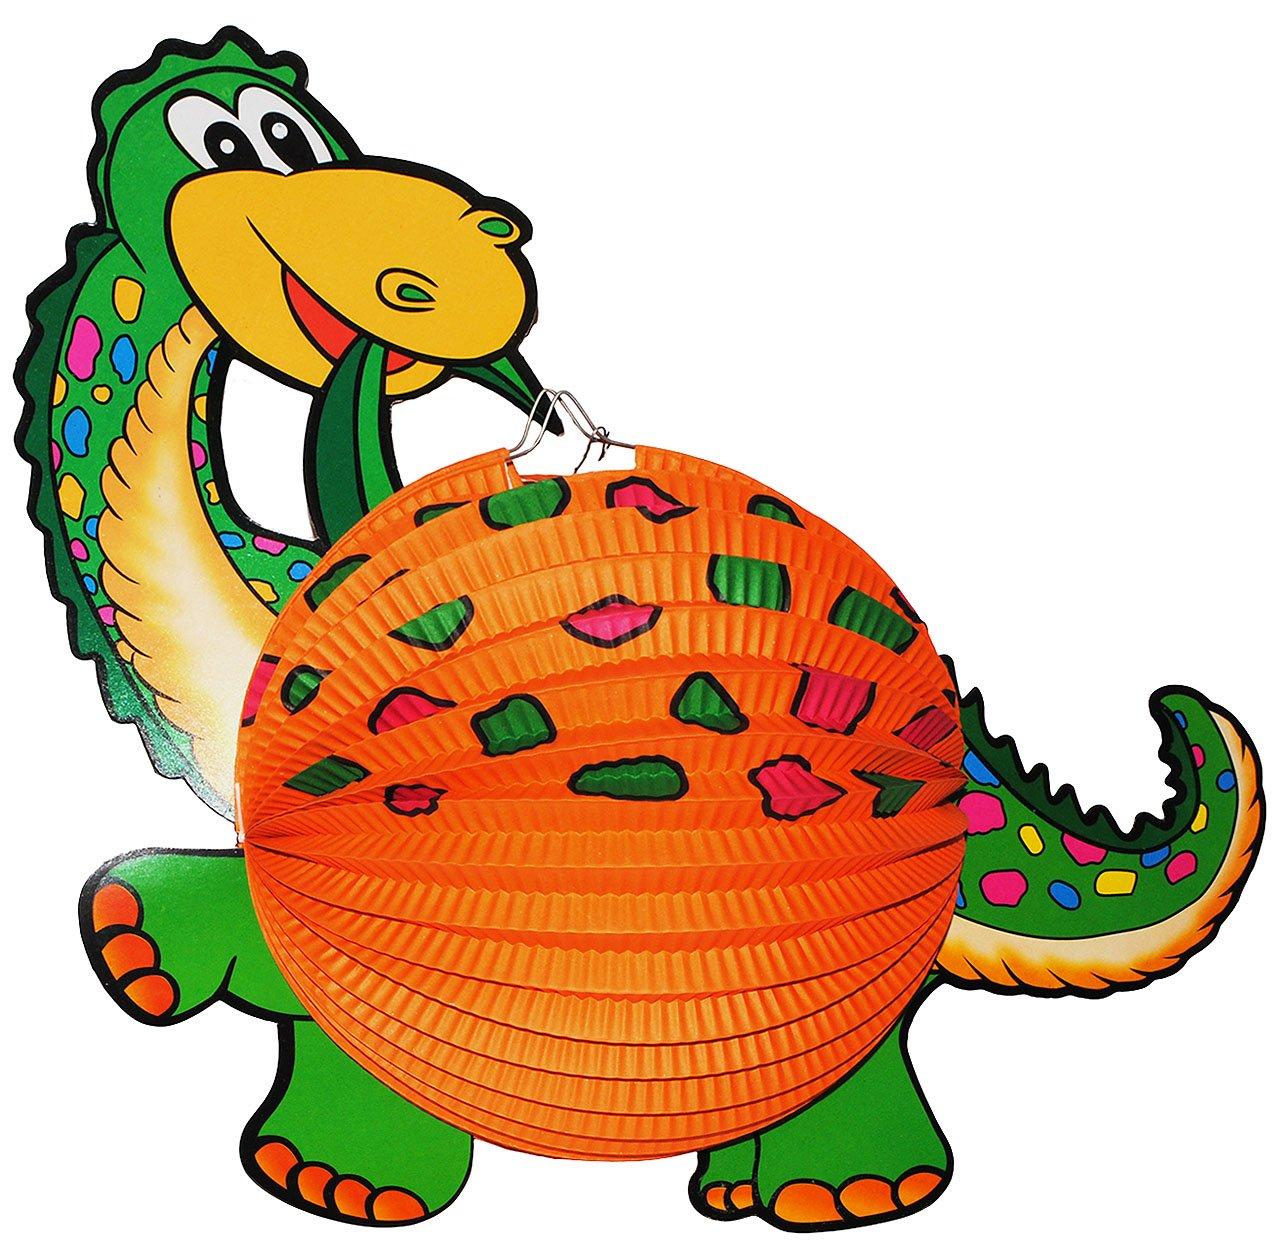 1 Stück: Papier Laterne / Lampion - Dinosaurier Dino - für Kinder Papierlaterne - Laternen Lampions - Bunte Dinos - für Laternenumzug - Mädchen Jungen Kinder-land